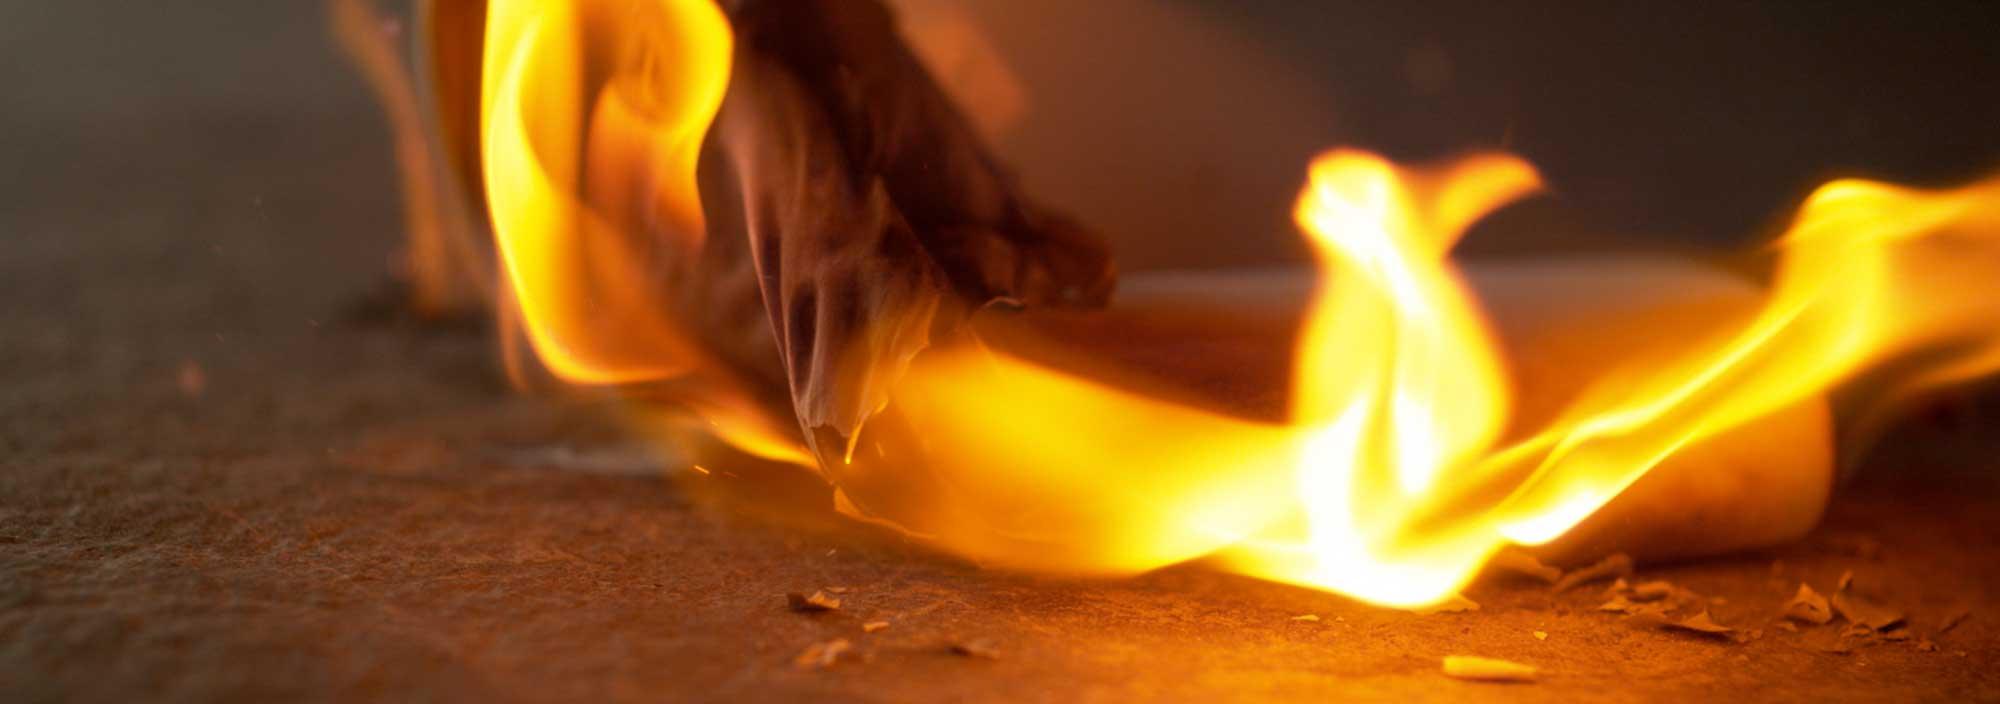 La ceramica non brucia